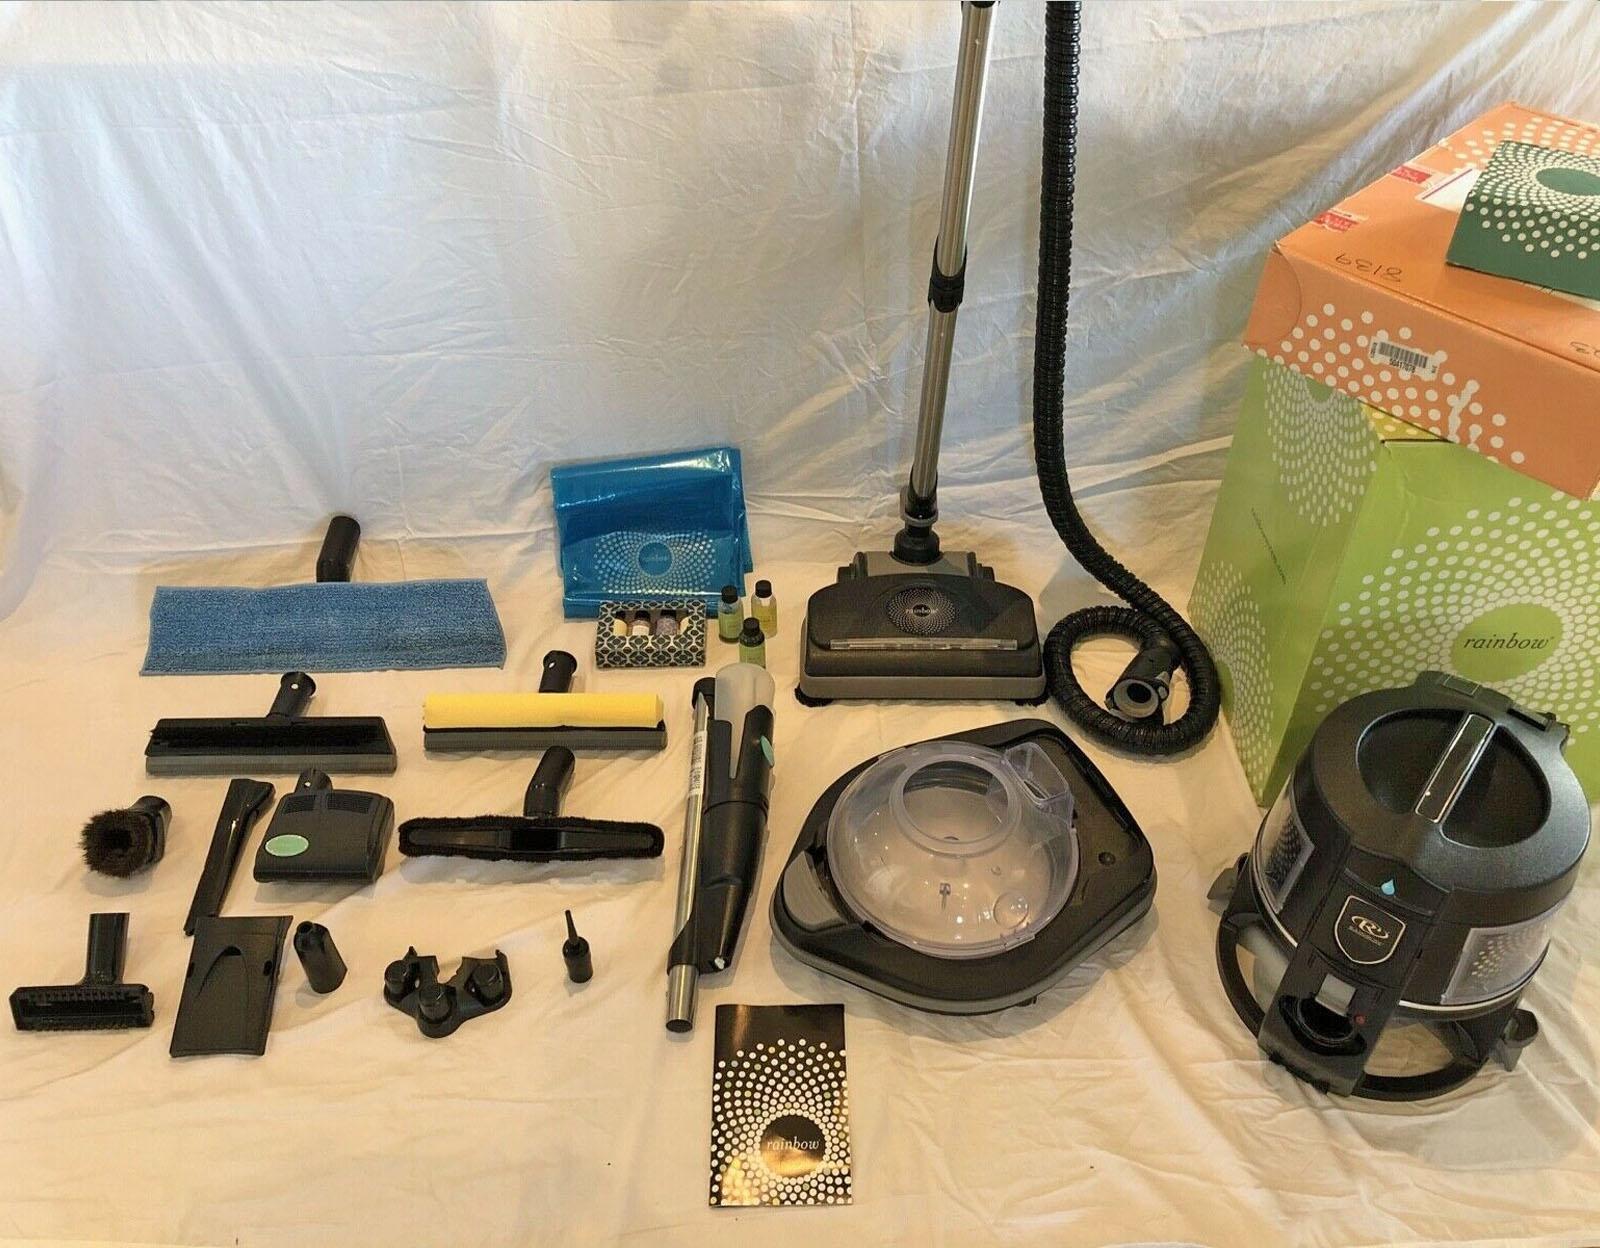 Rainbow vacuum motorized power nozzle head for E2 illuminated Black Newest model